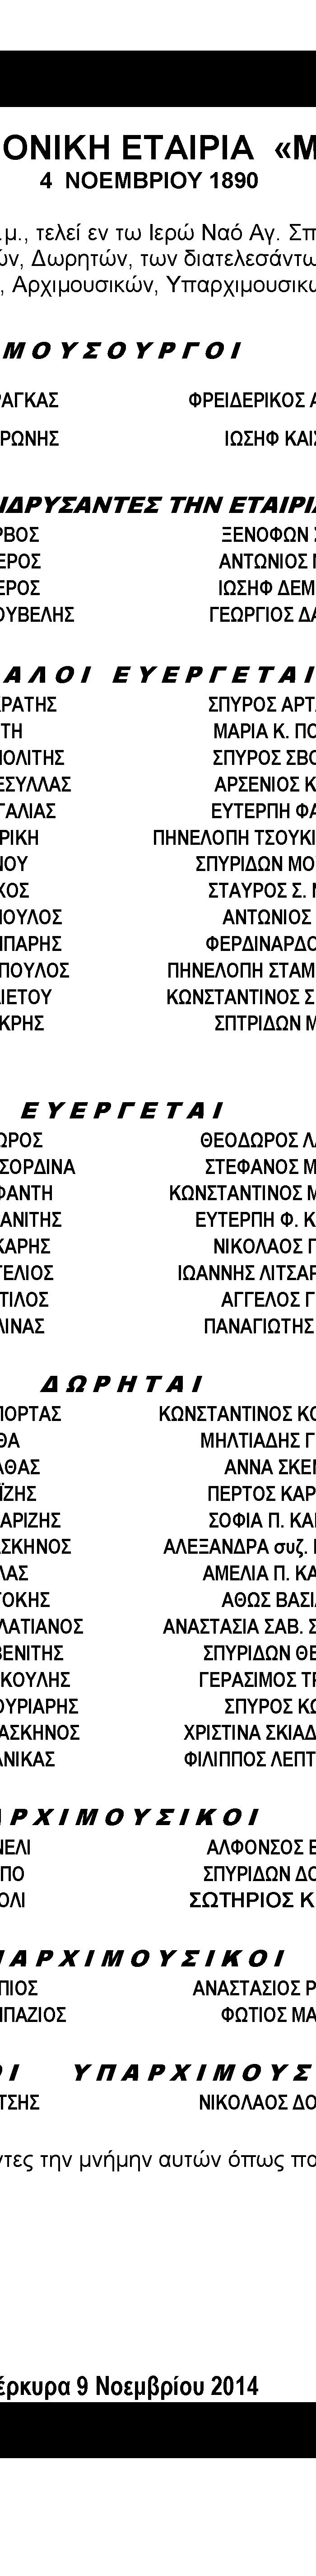 ΜΝΗΜΟΣΥΝΟ-page1